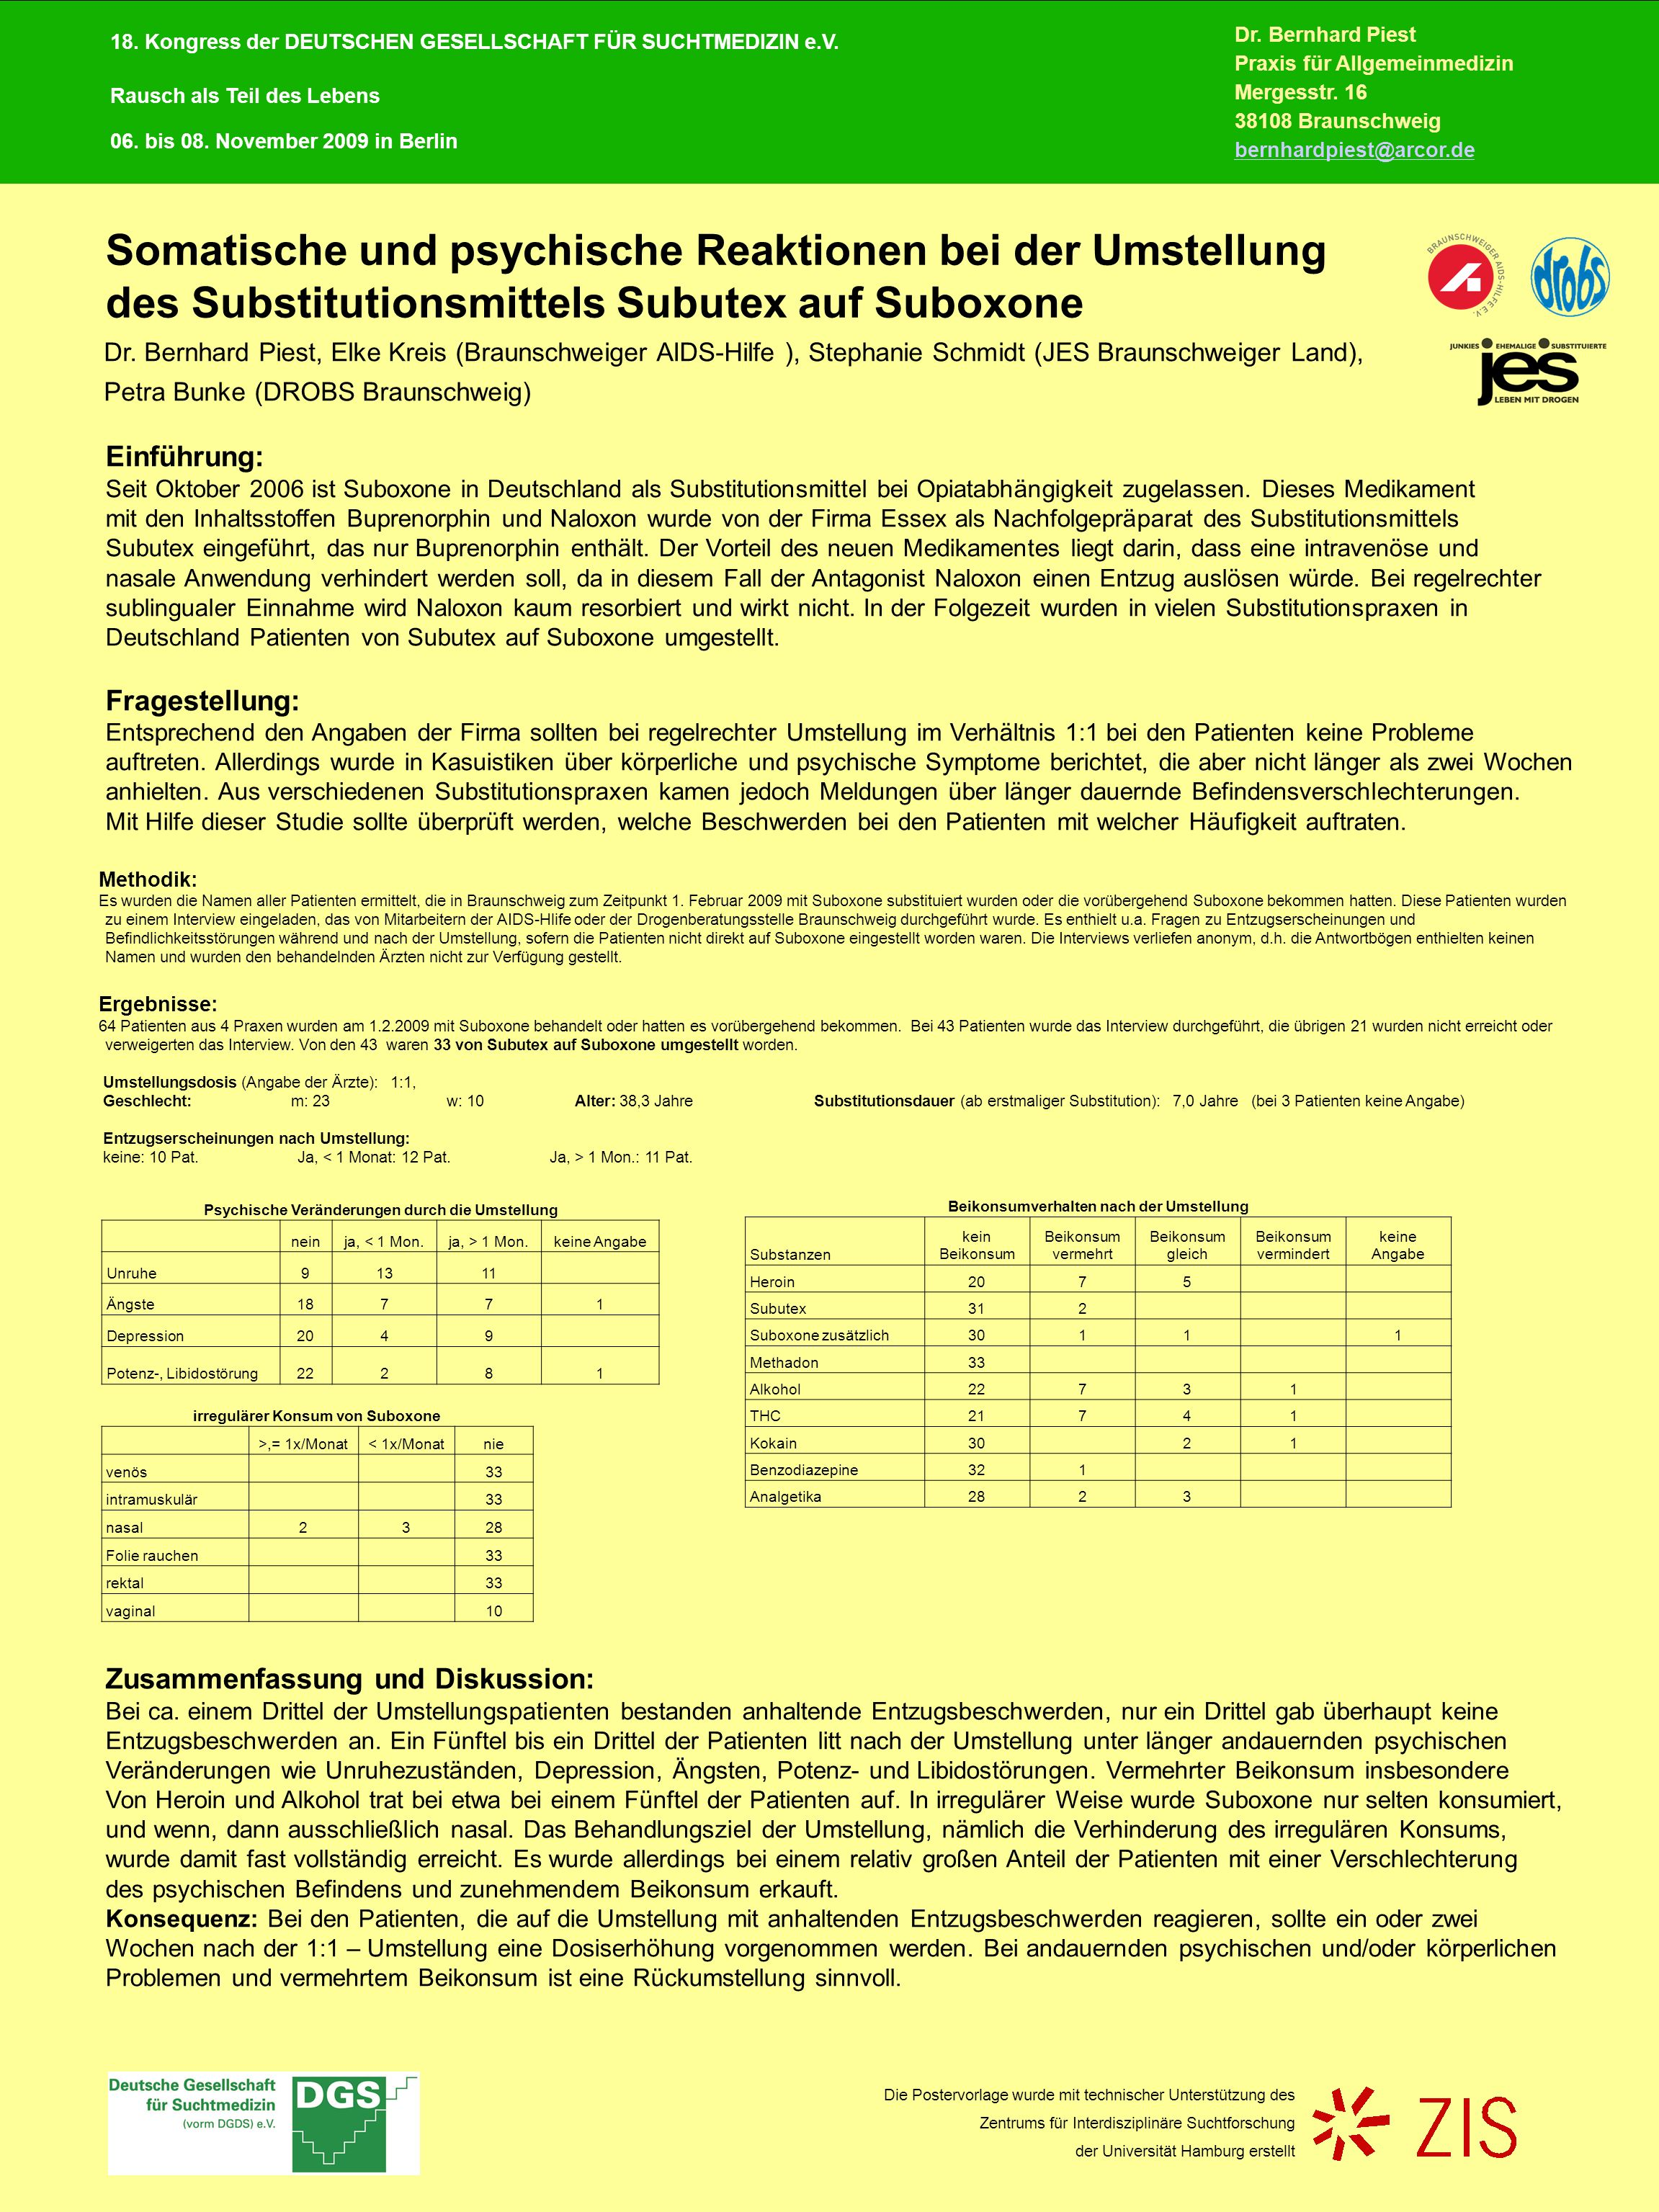 Einführung: Seit Oktober 2006 ist Suboxone in Deutschland als Substitutionsmittel bei Opiatabhängigkeit zugelassen.